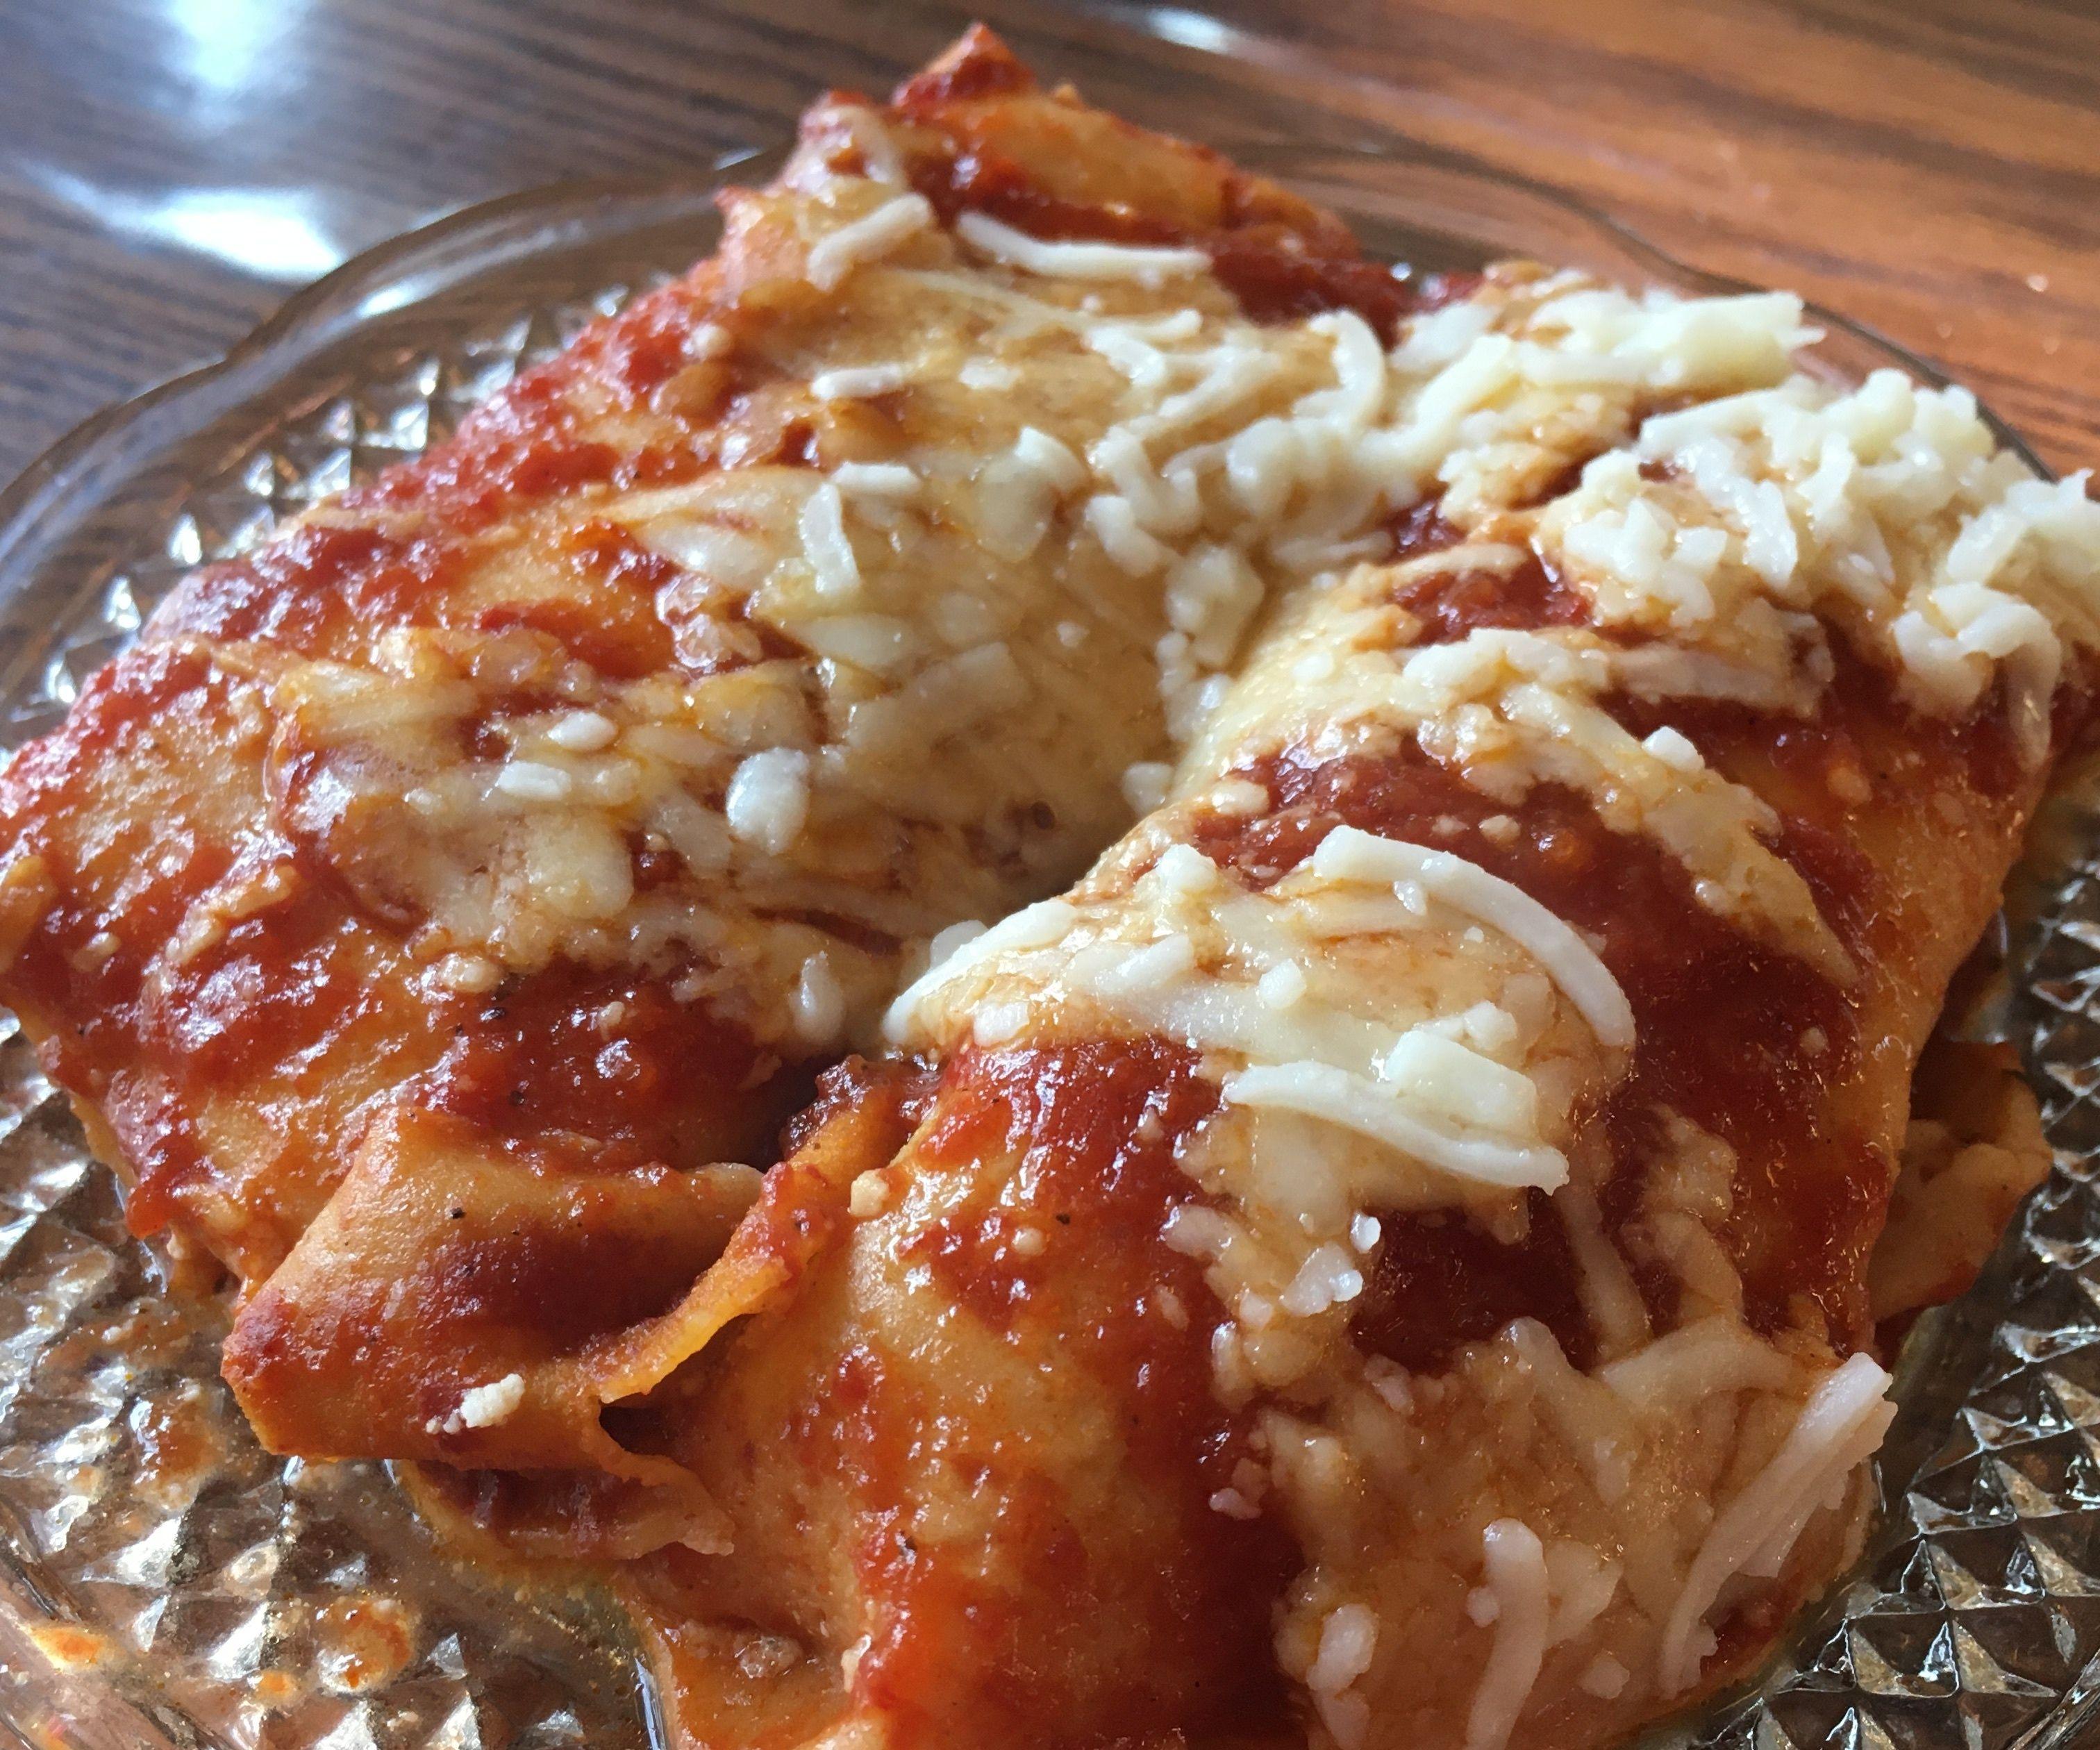 Handmade Four-Cheese Manicotti